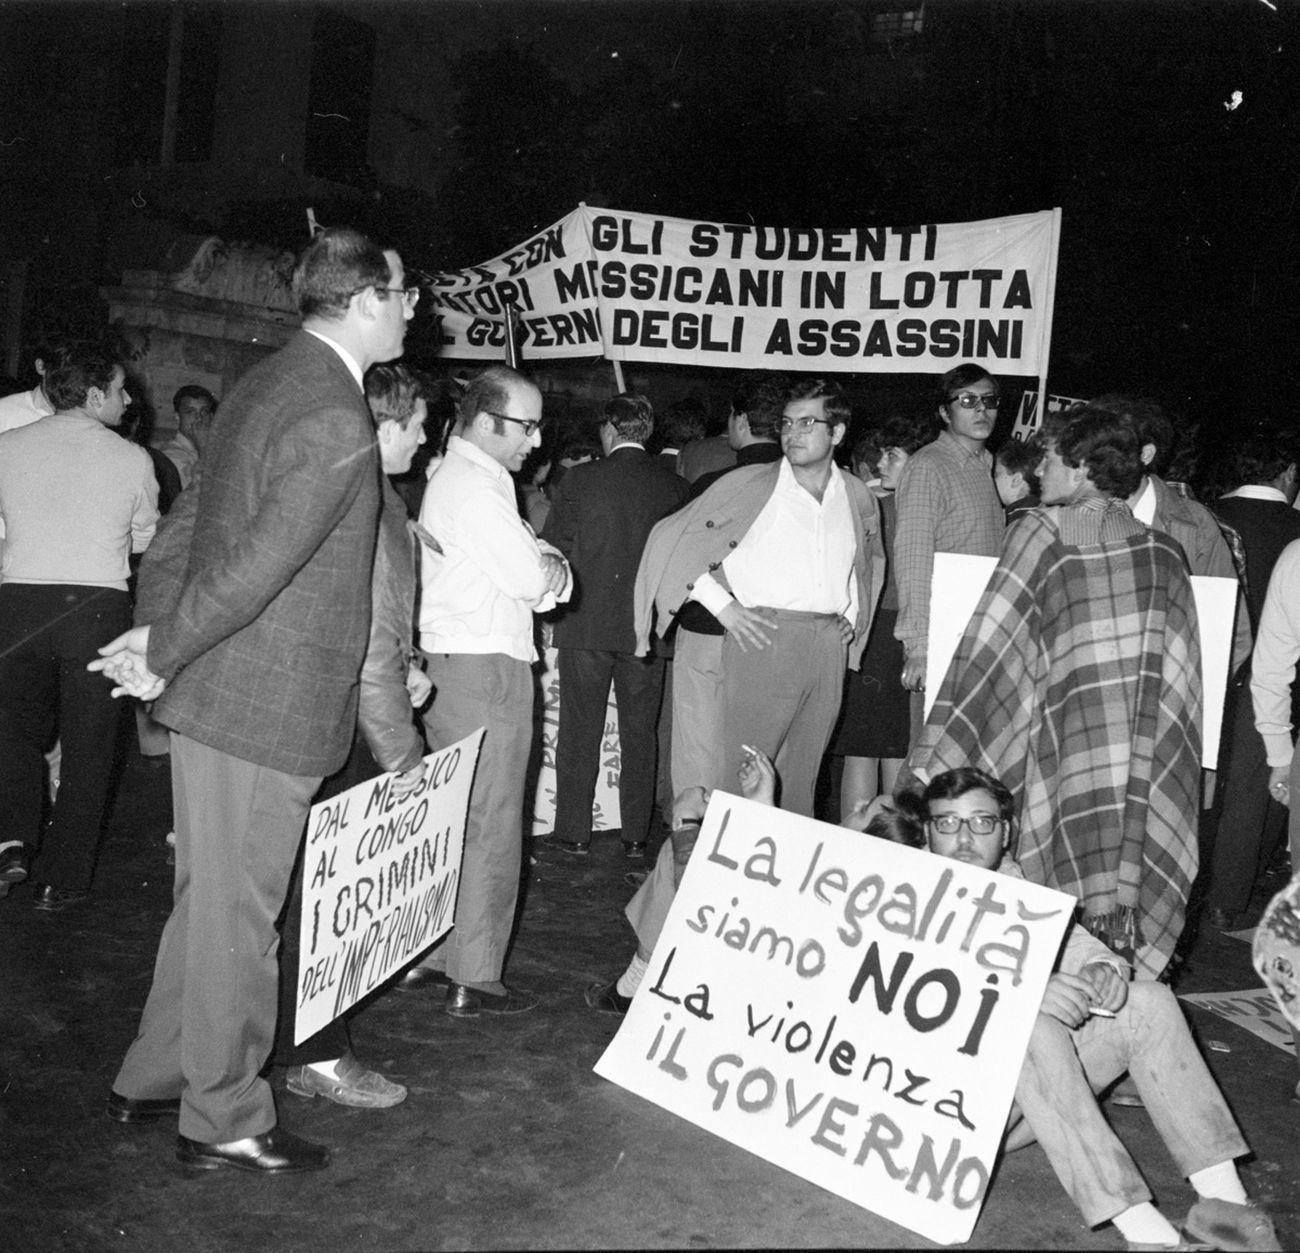 Publifoto Roma, Roma, 11 ottobre 1968, Dimostrazione comunista per il Messico (e Congo)